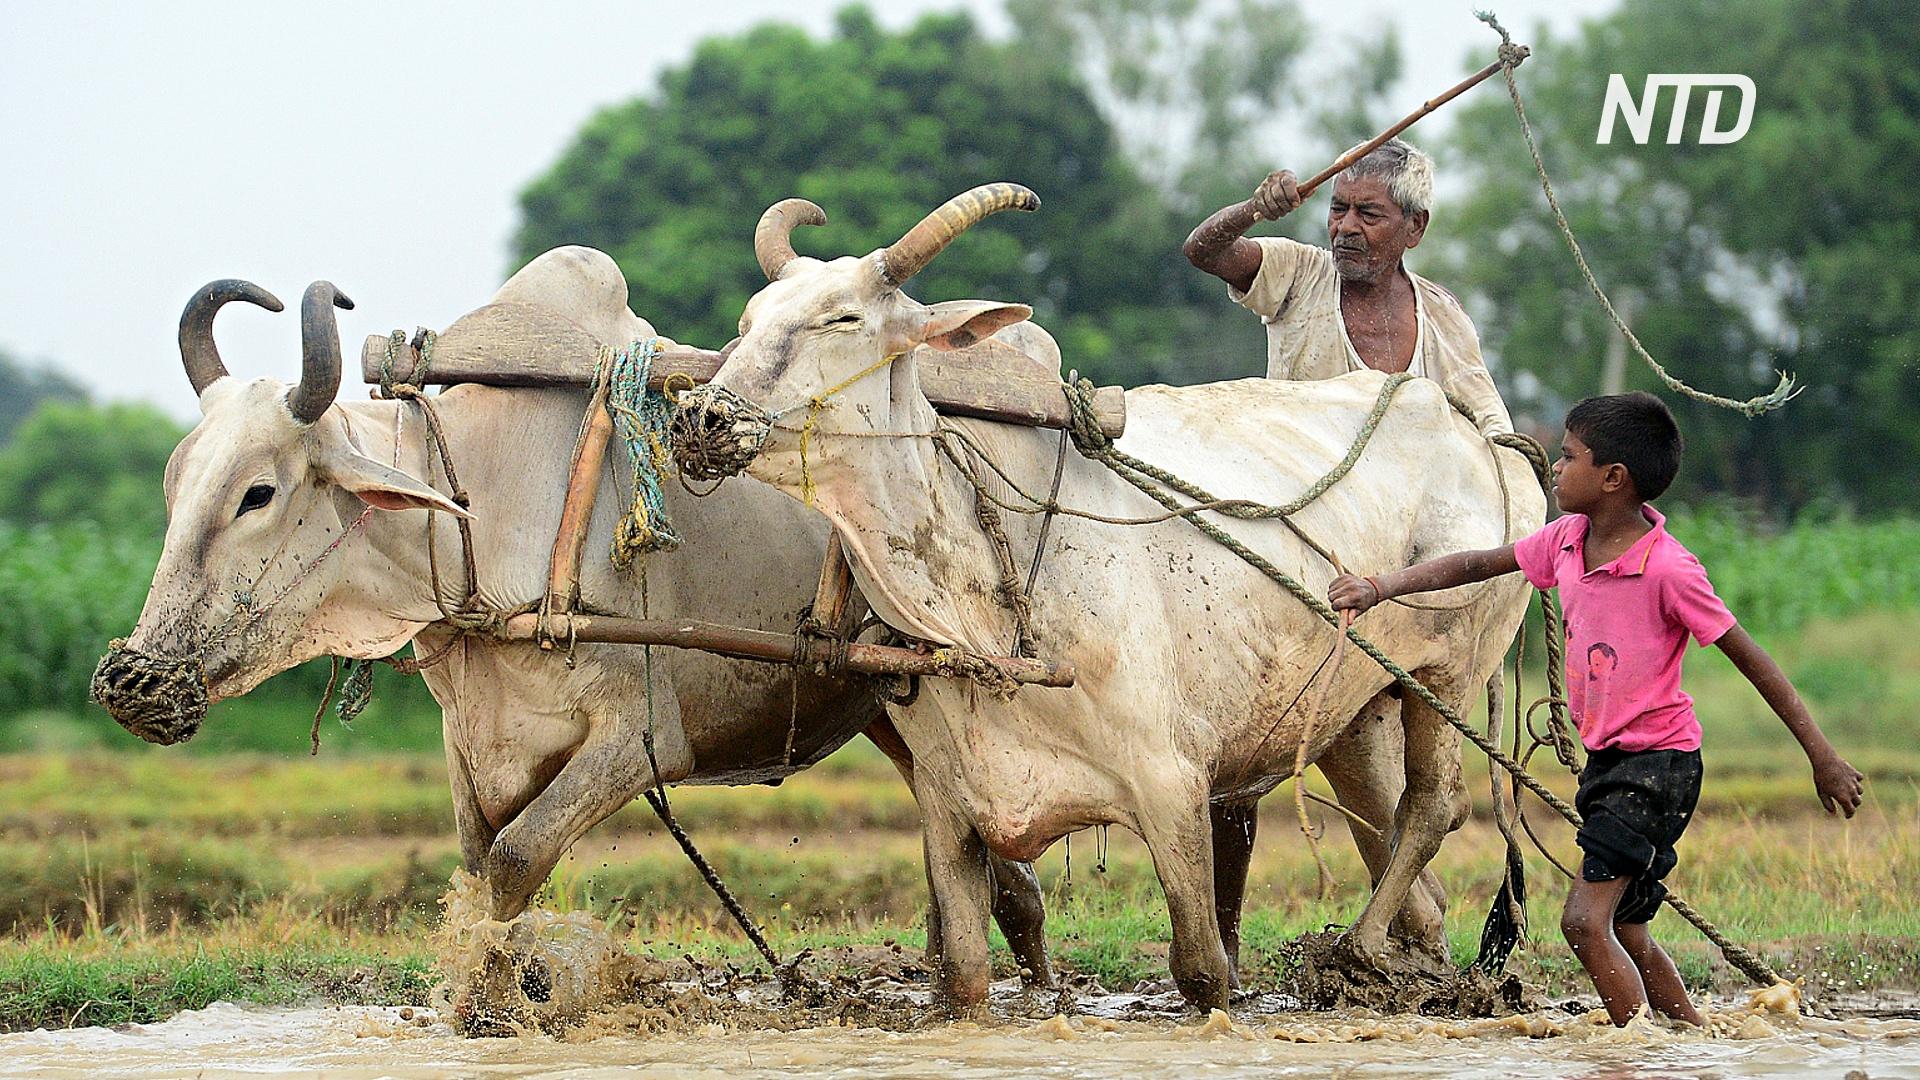 Засуха заставляет фермеров Индии продавать свой скот